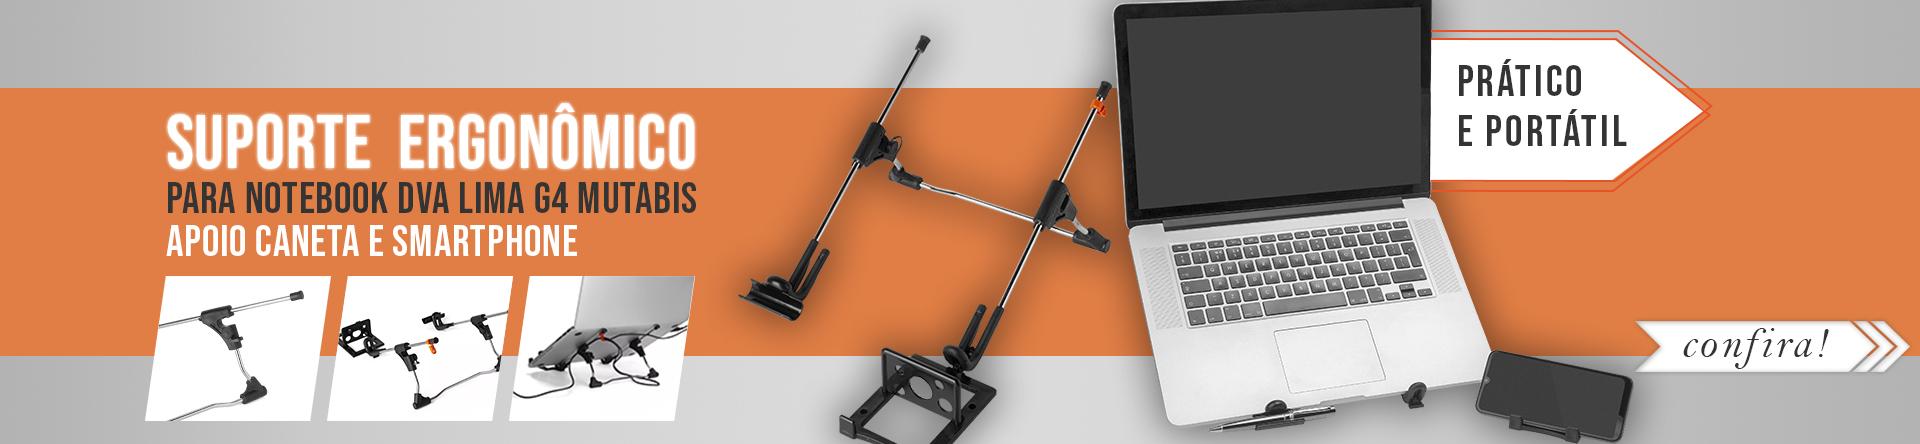 suporte ergonômico notebook dva lima